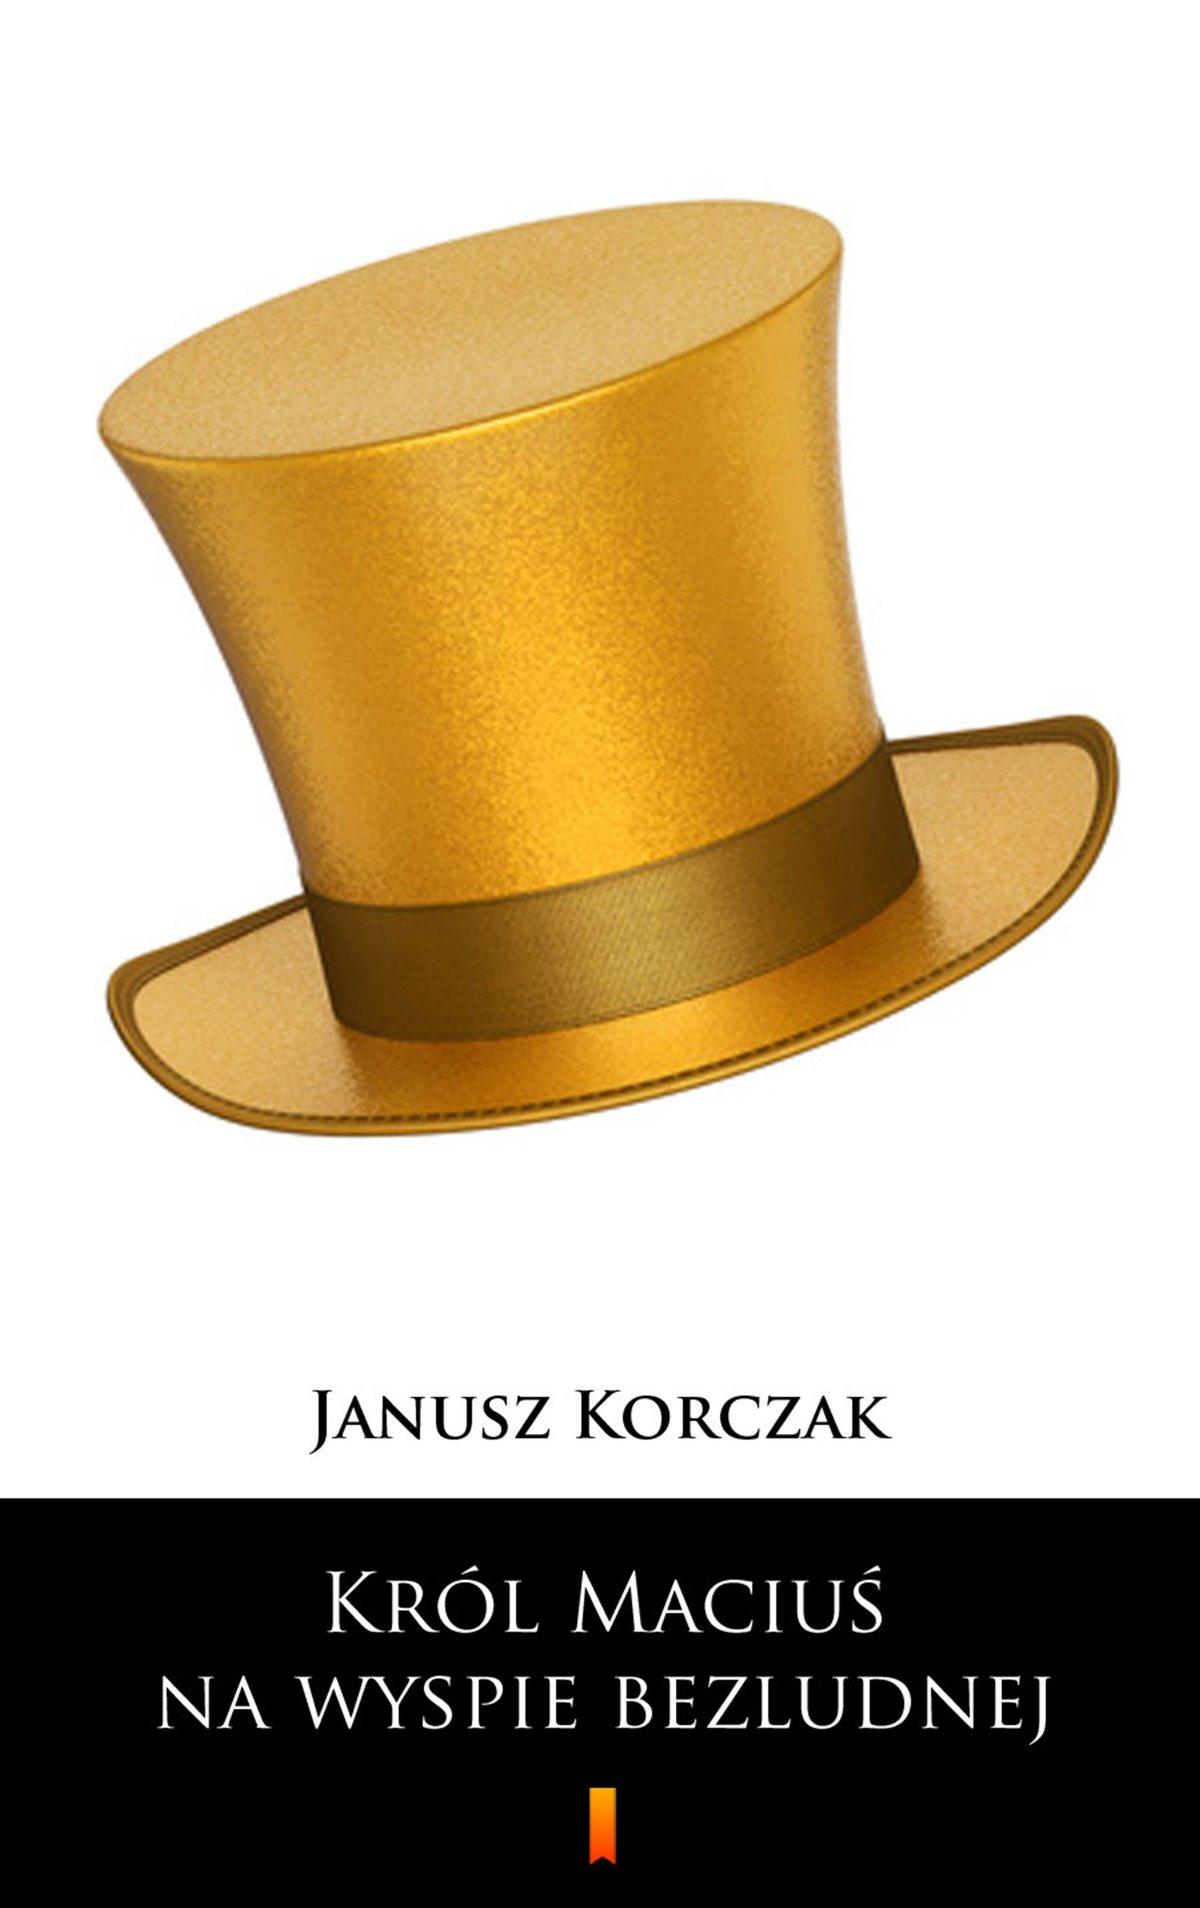 Król Maciuś na wyspie bezludnej - Ebook (Książka EPUB) do pobrania w formacie EPUB